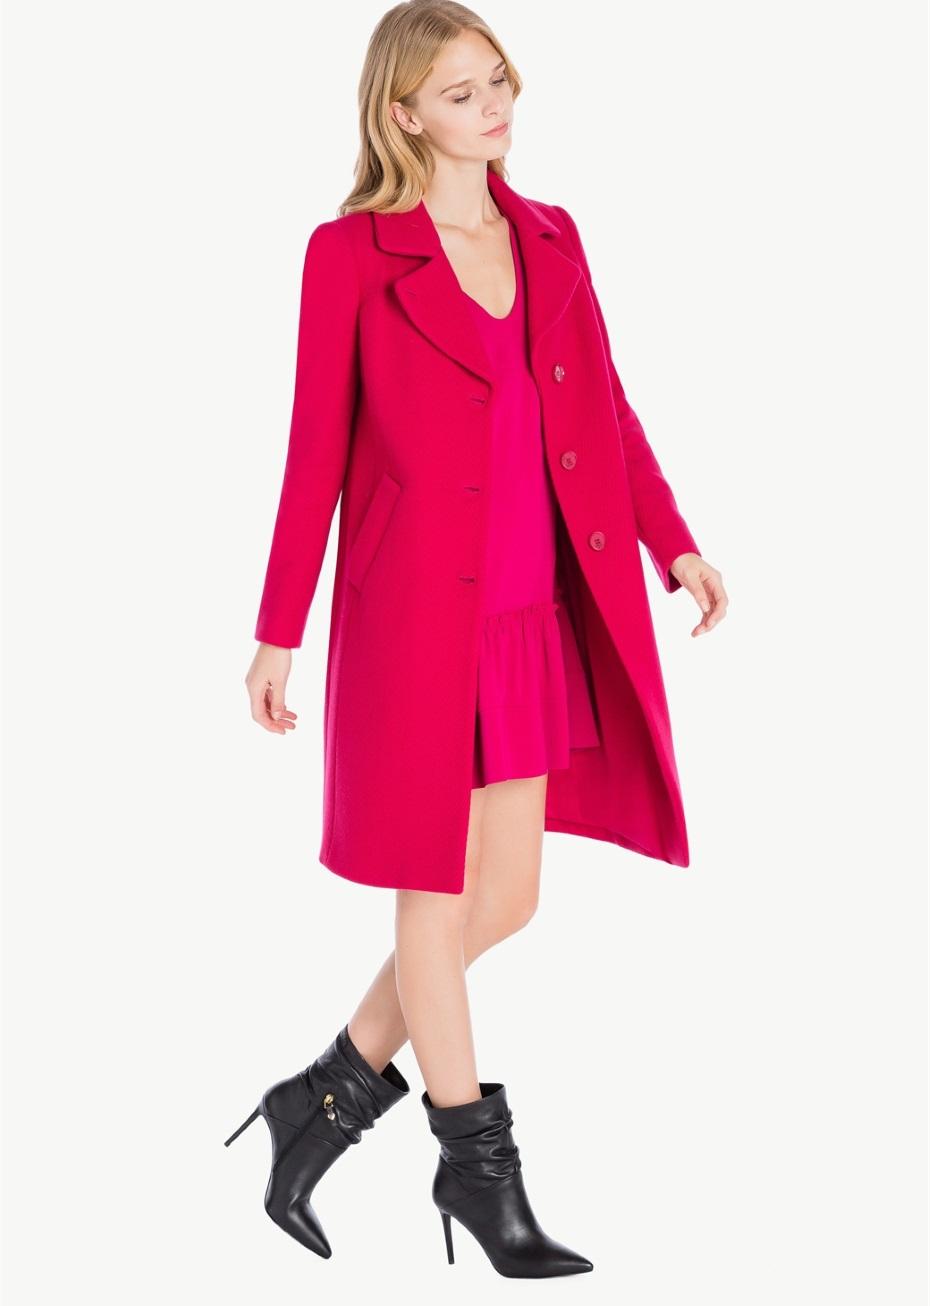 Cappotto colorato in saldo